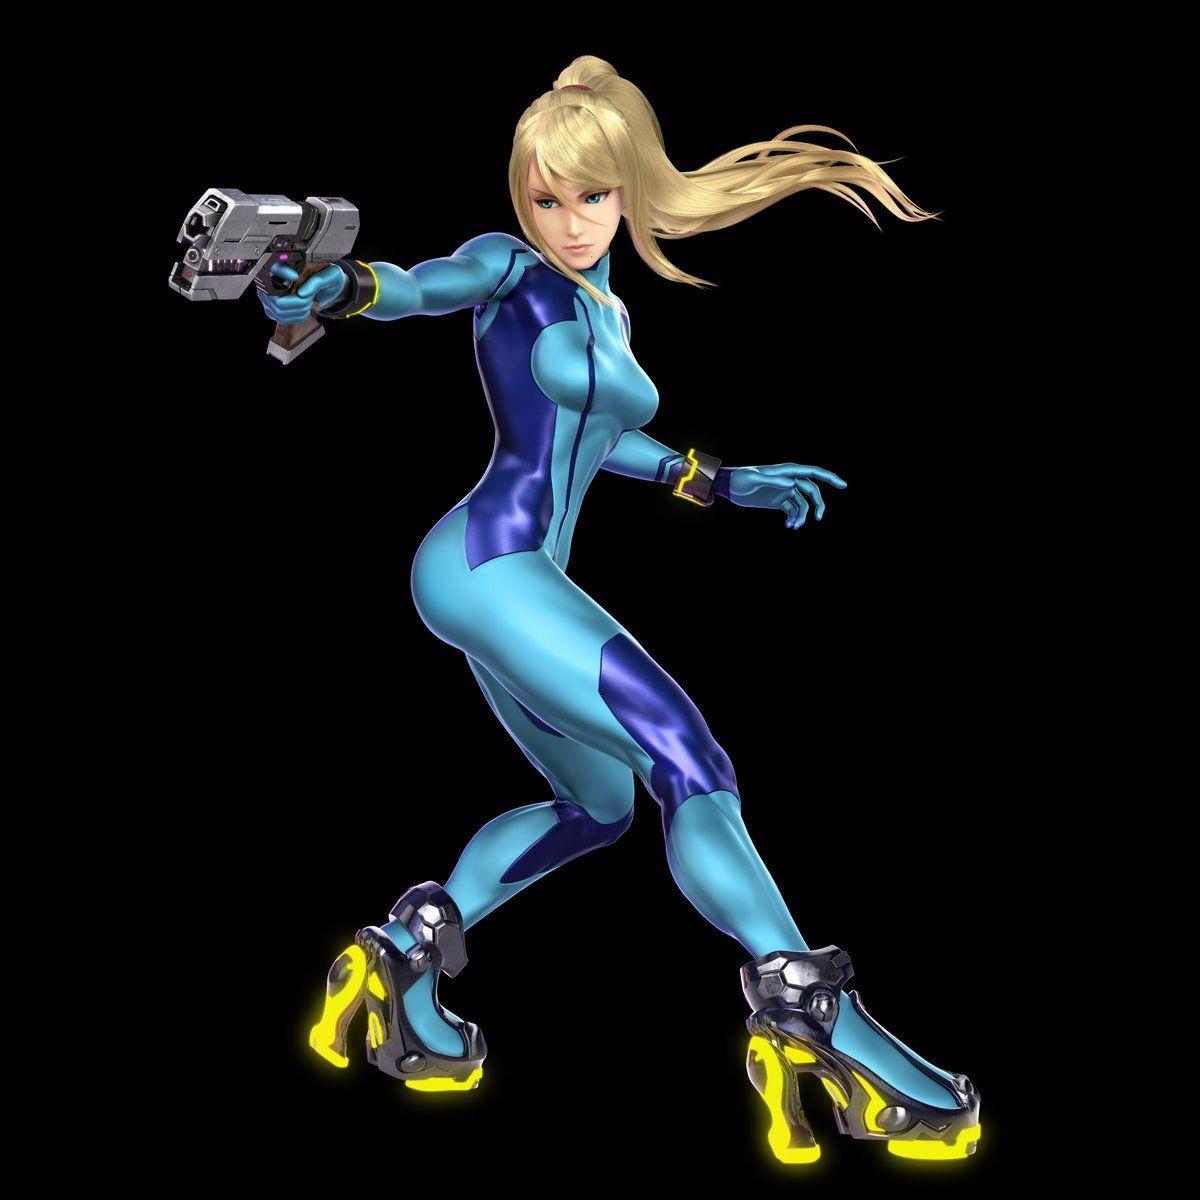 Super Smash Bros Ultimate Zero Suit Samus Metroid Zero